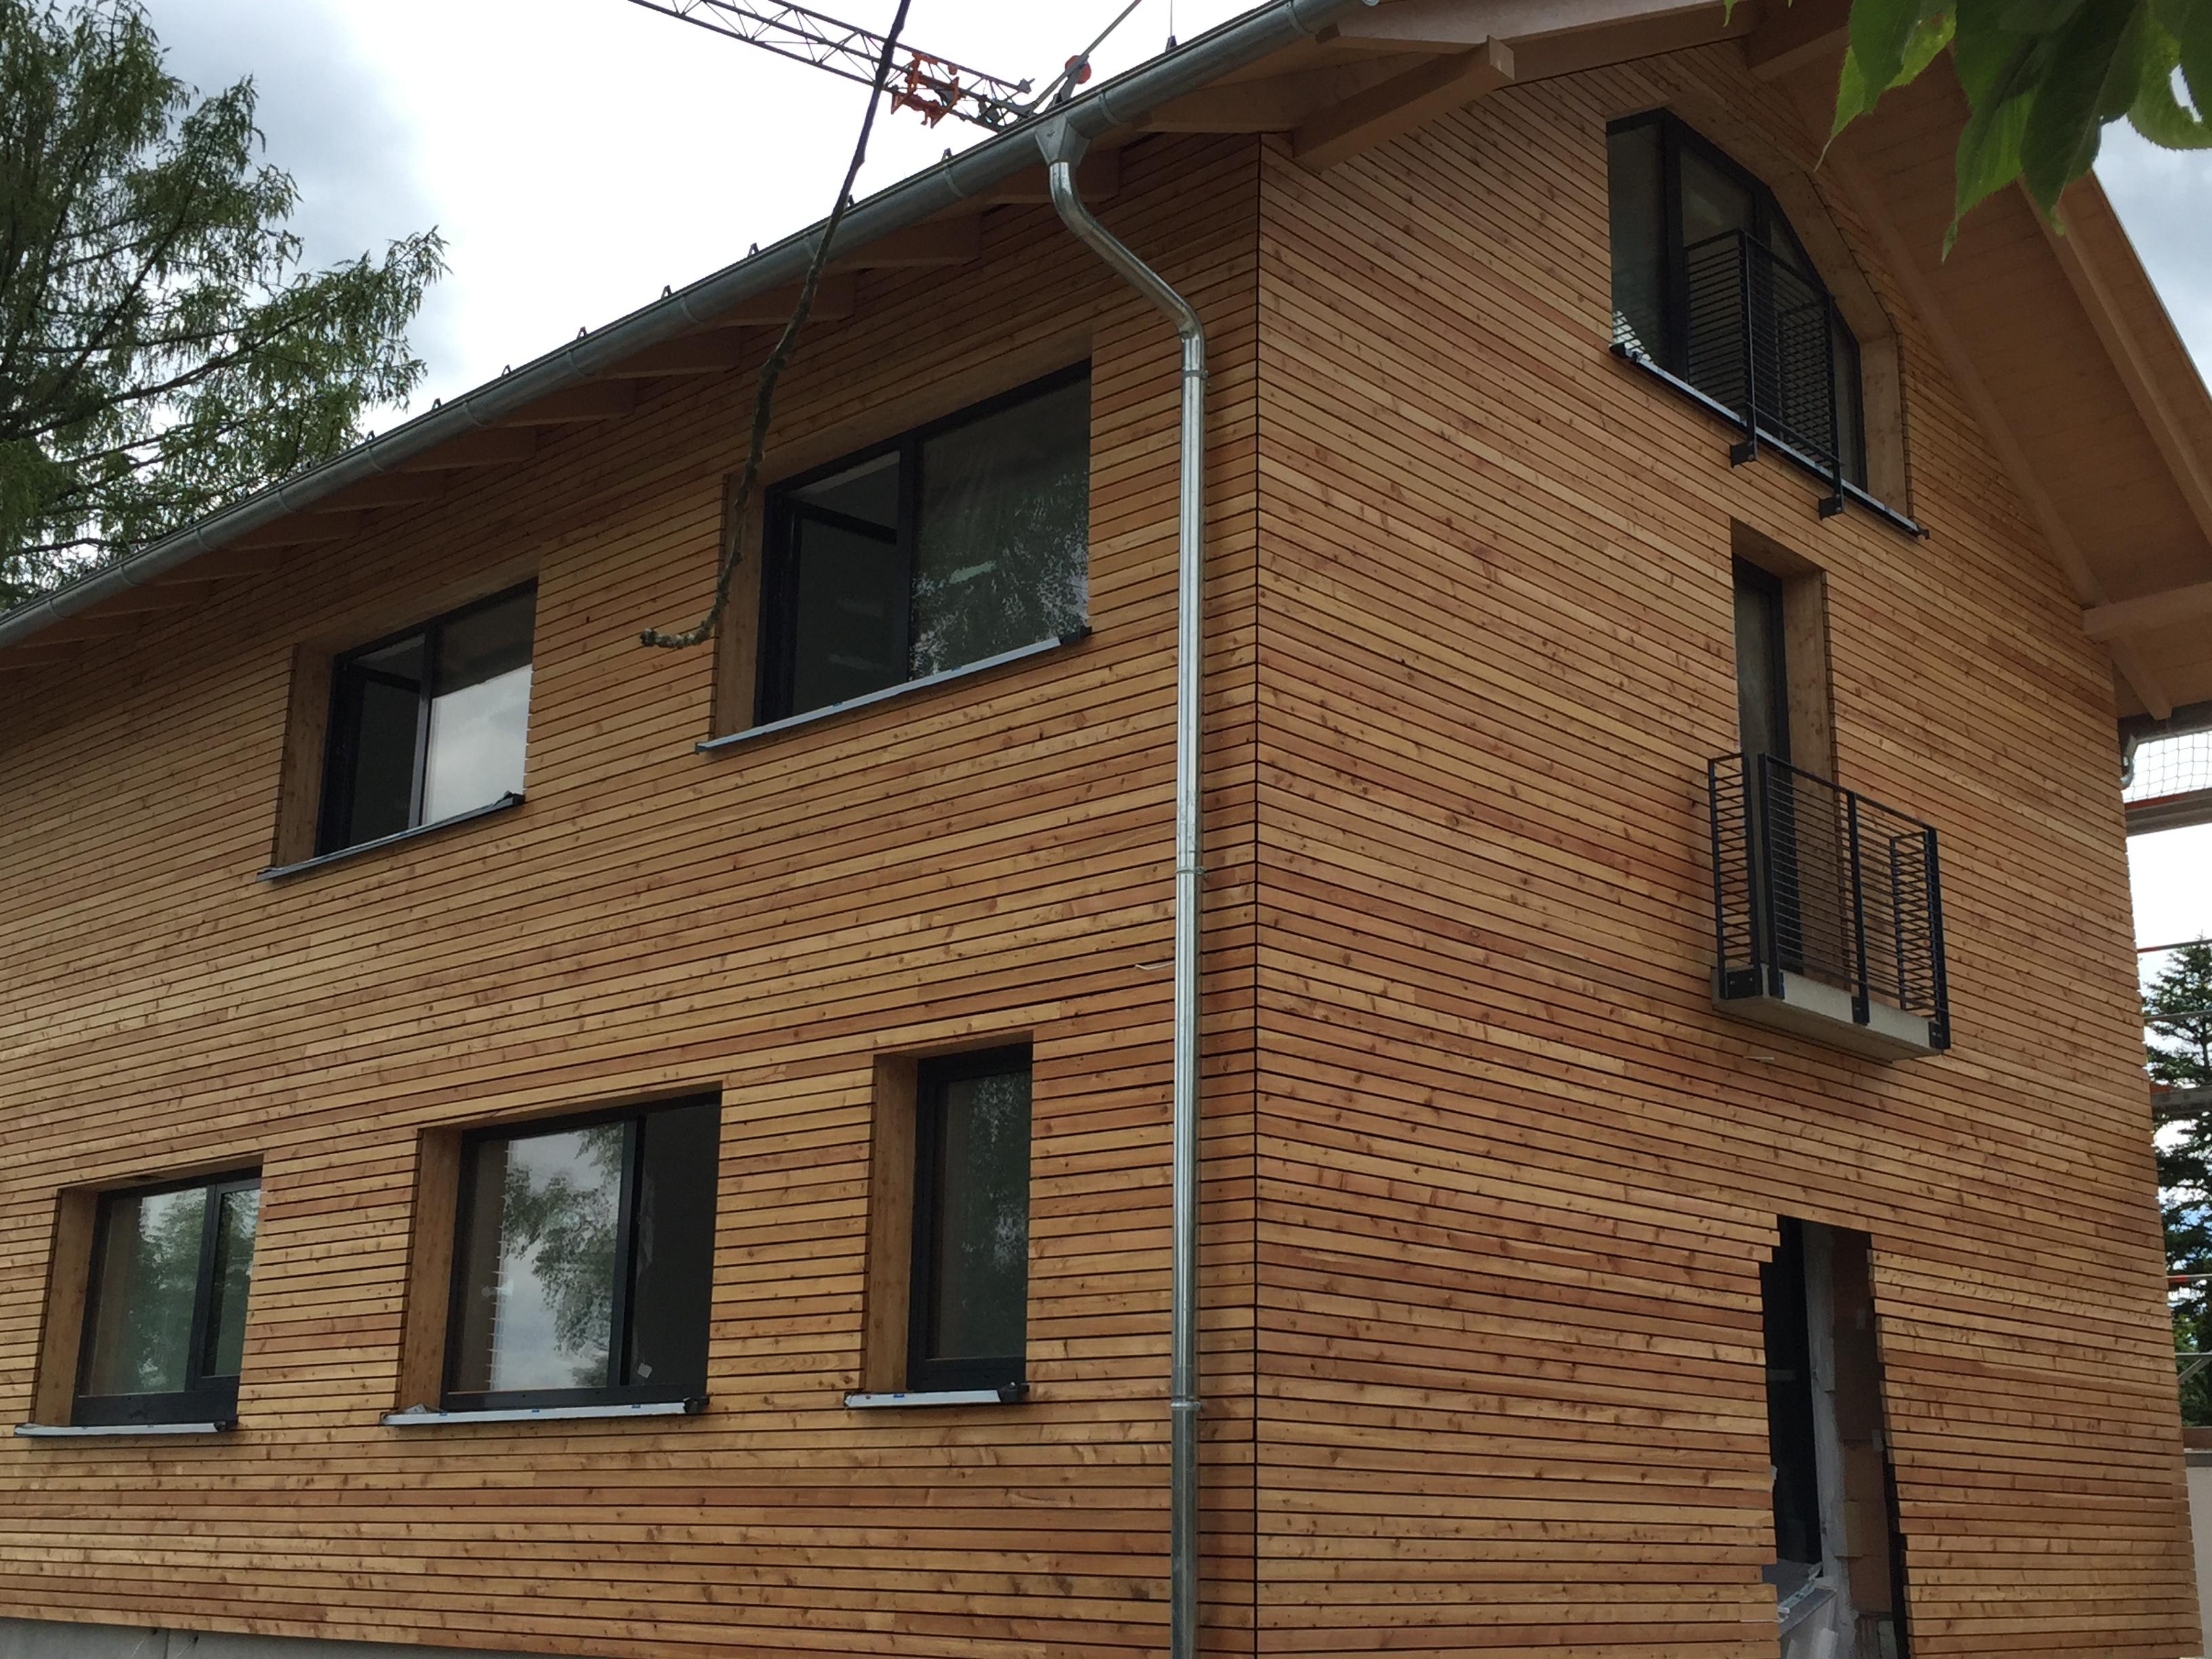 Fassade aus Holz 2 - Zimmerei Lenk